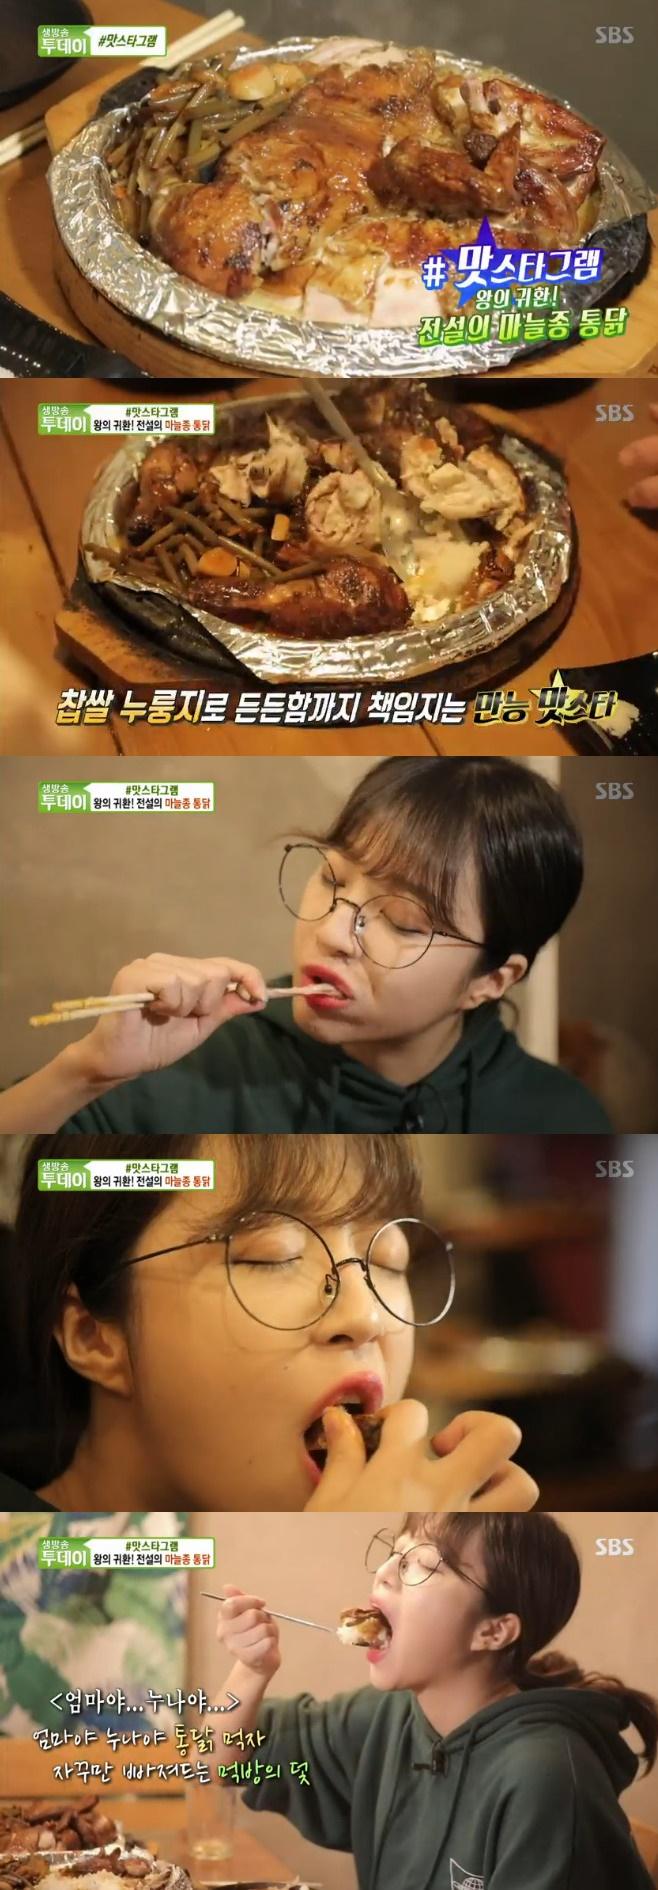 생방송 투데이 맛스타그램 마늘종 통닭, 쯔양